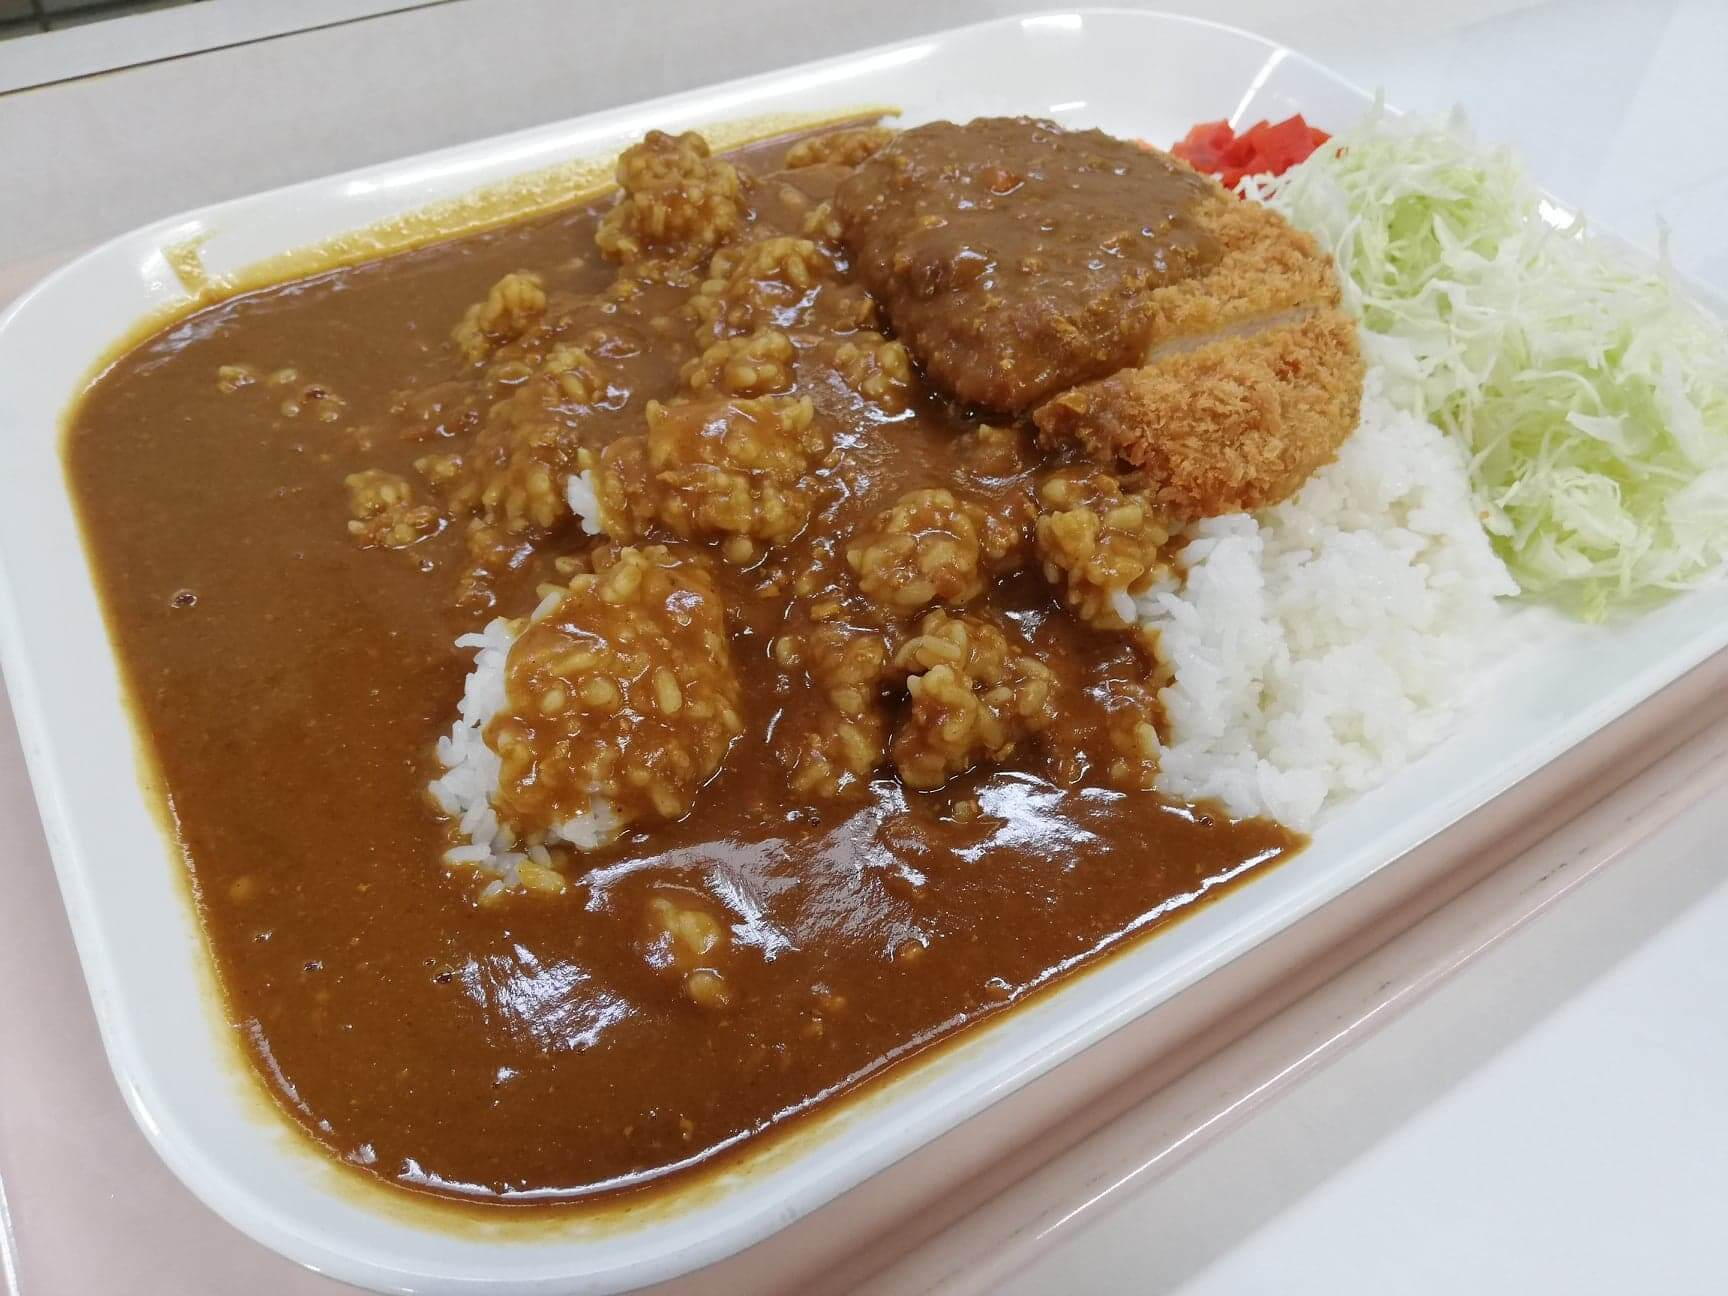 練馬区役所の職員レストランの『メガカツカレー』のアップ写真